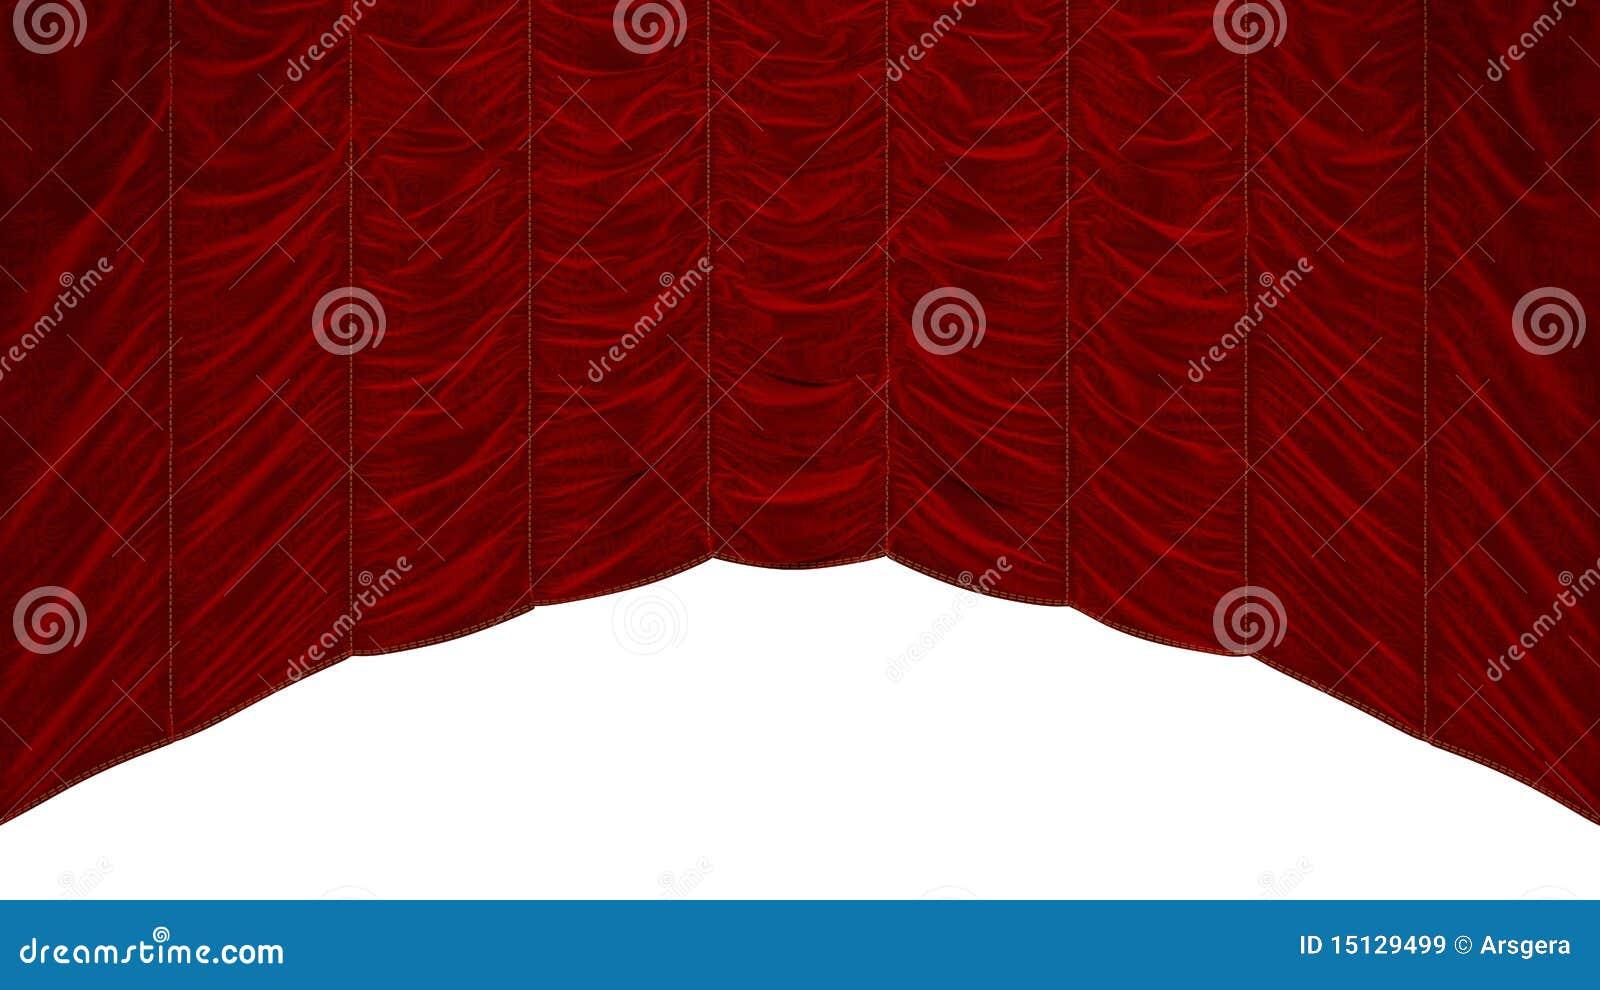 https://thumbs.dreamstime.com/z/het-rode-ge%C3%AFsoleerdee-gordijn-van-bordeaux-15129499.jpg